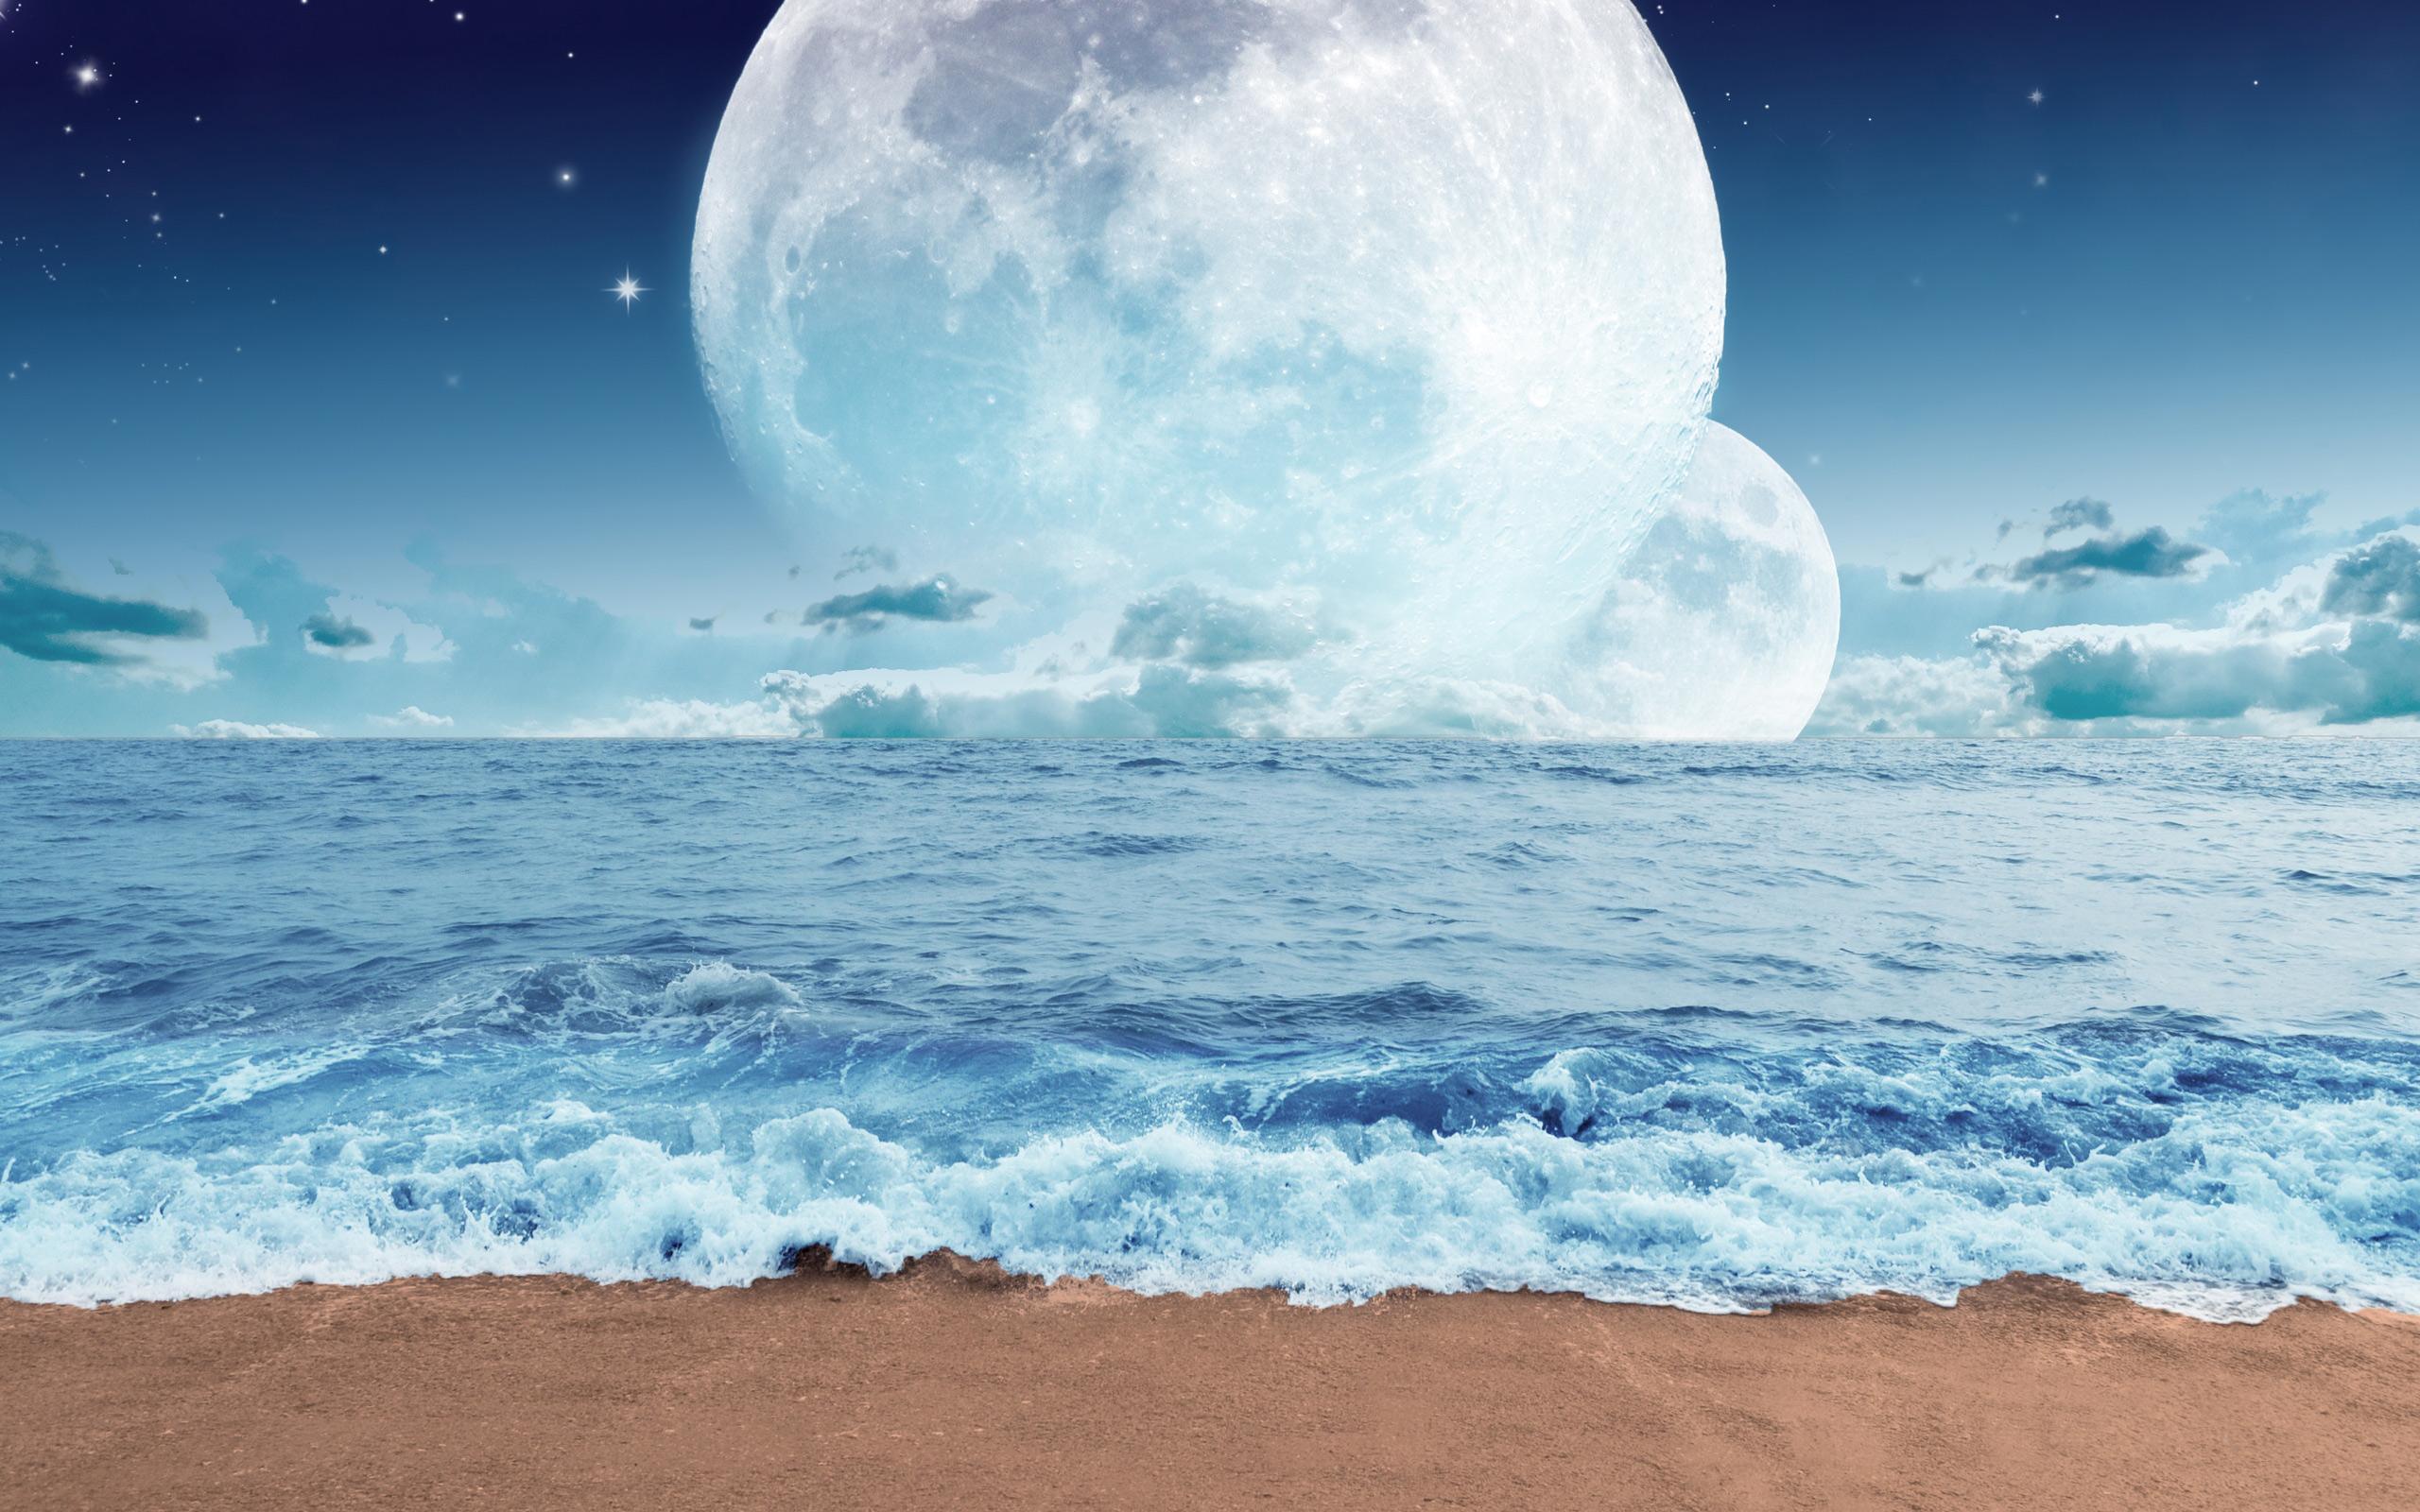 Ocean Desktop Backgrounds 19201080   HD Wallpapers 2560x1600